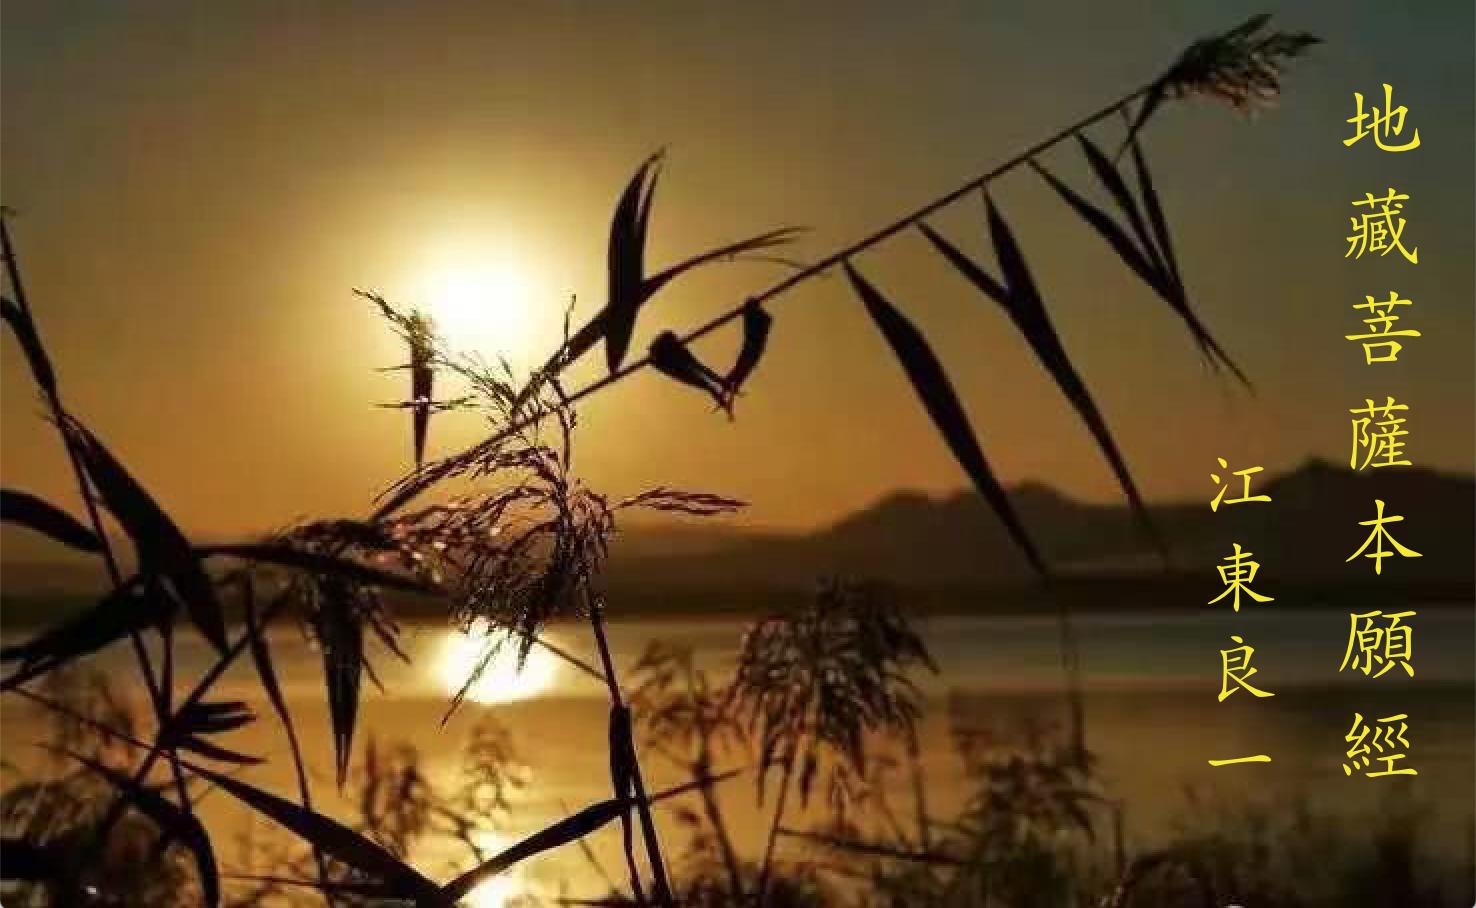 【江东良一作品】『大海的季節』谁都能听懂的地藏经之第二百十五章地藏王菩萨20190803